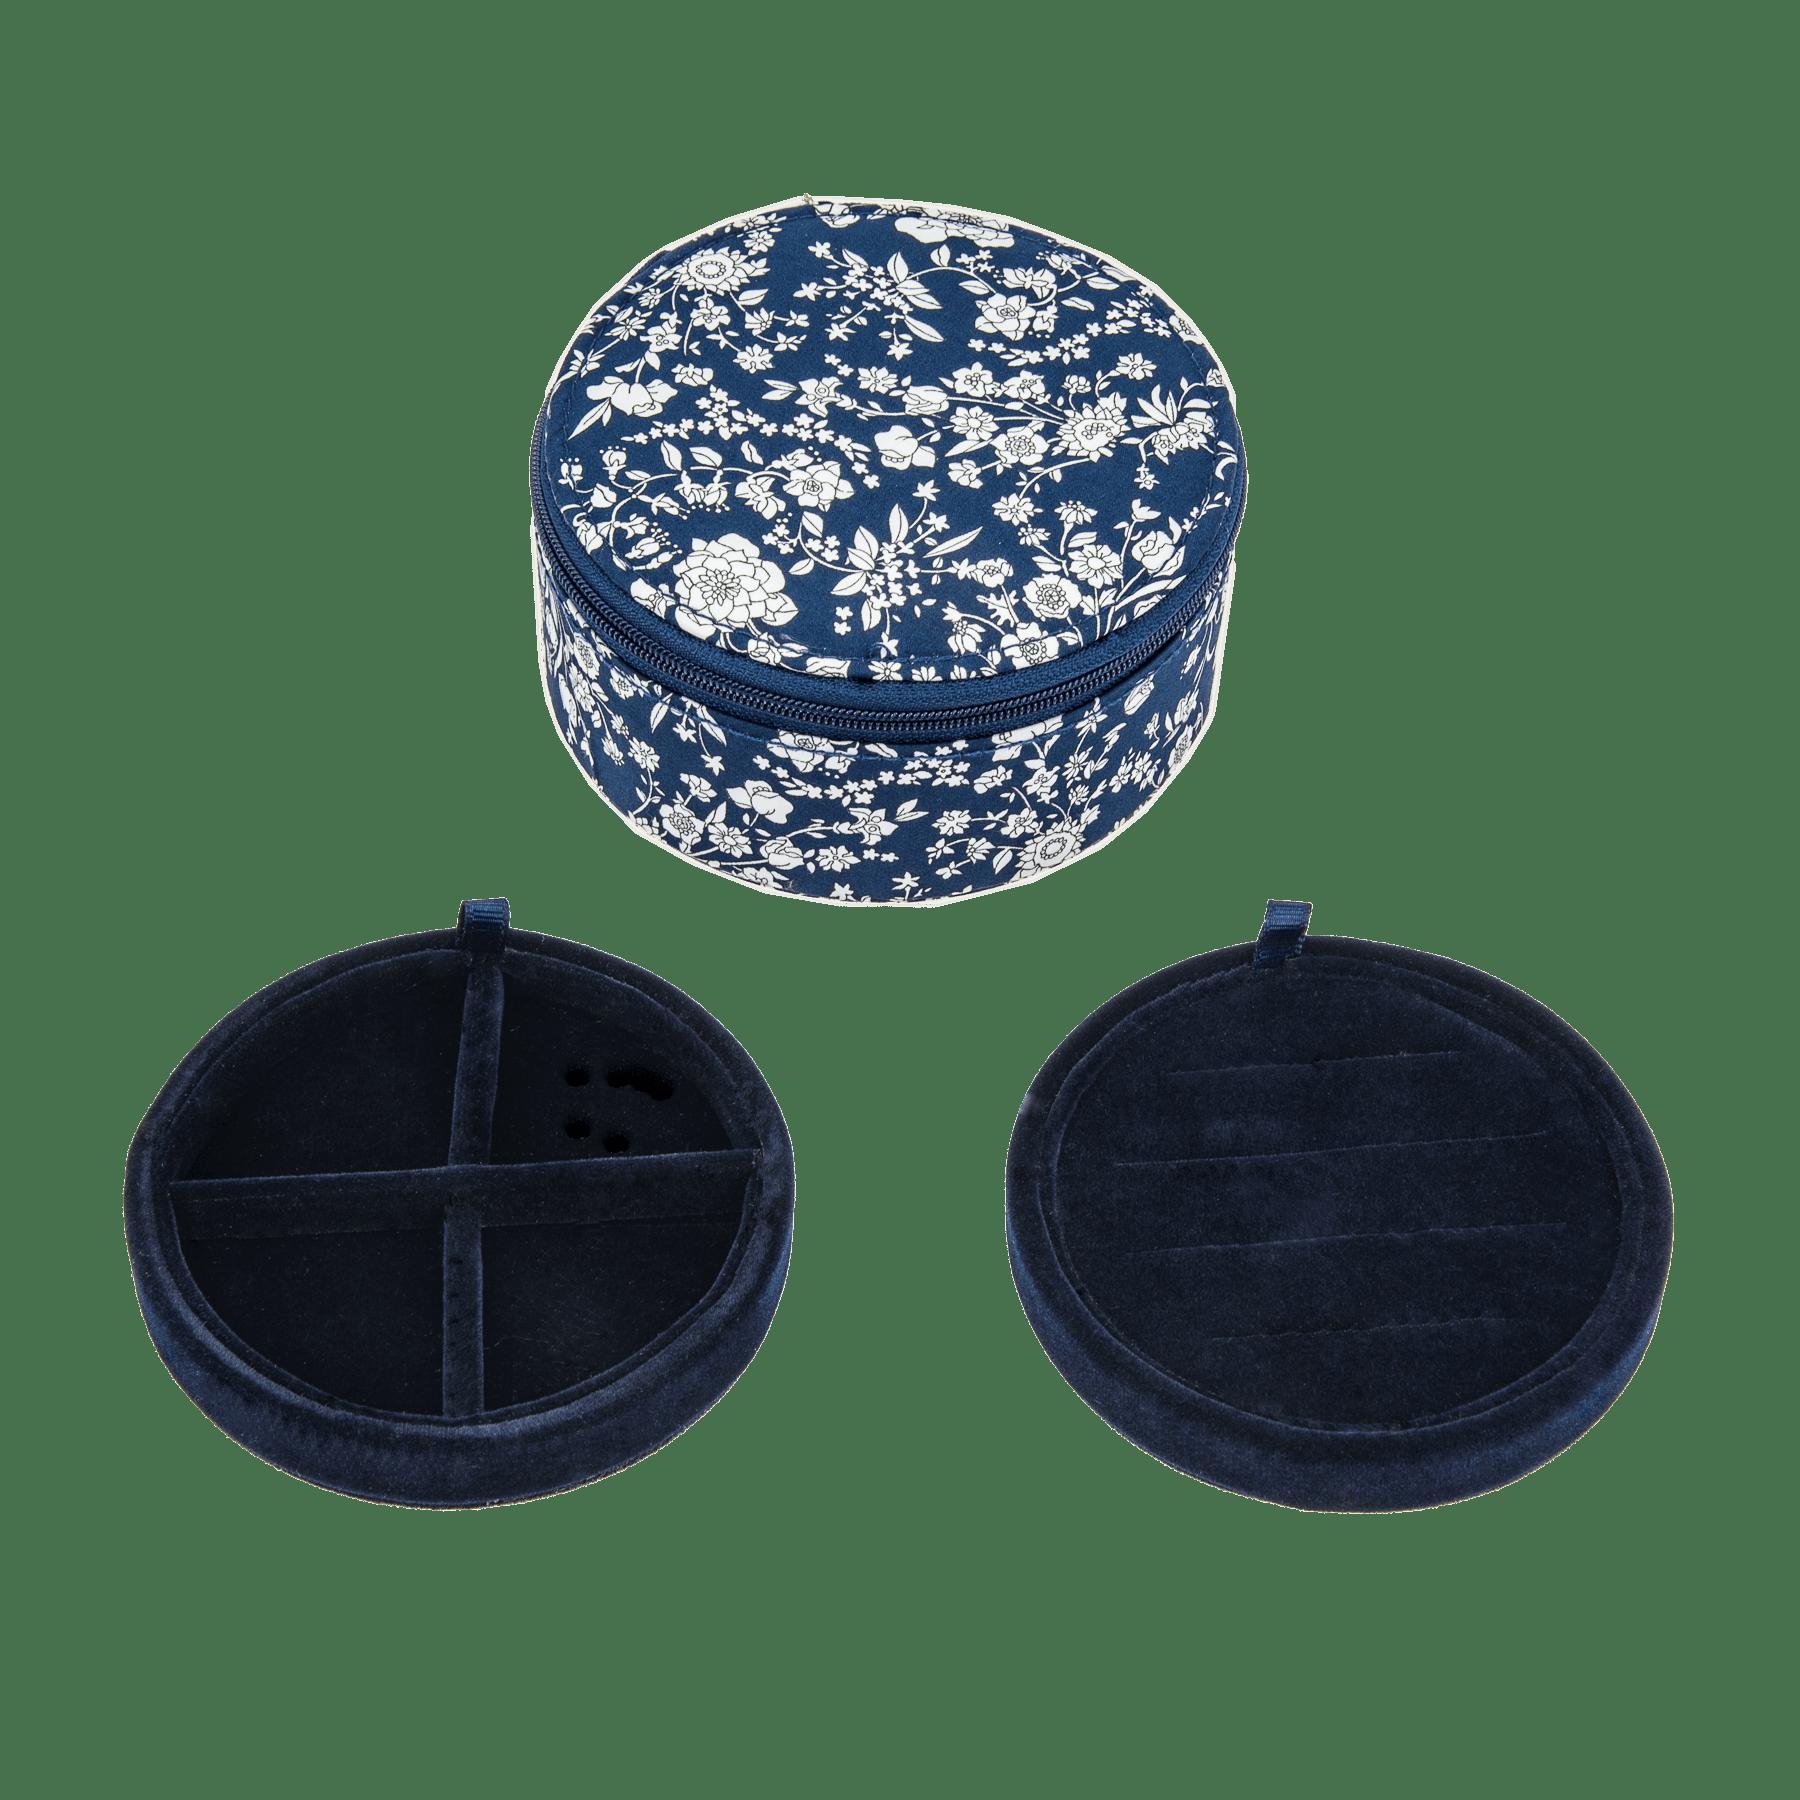 BON DEP Liberty smykkeskrin - Capel navy -